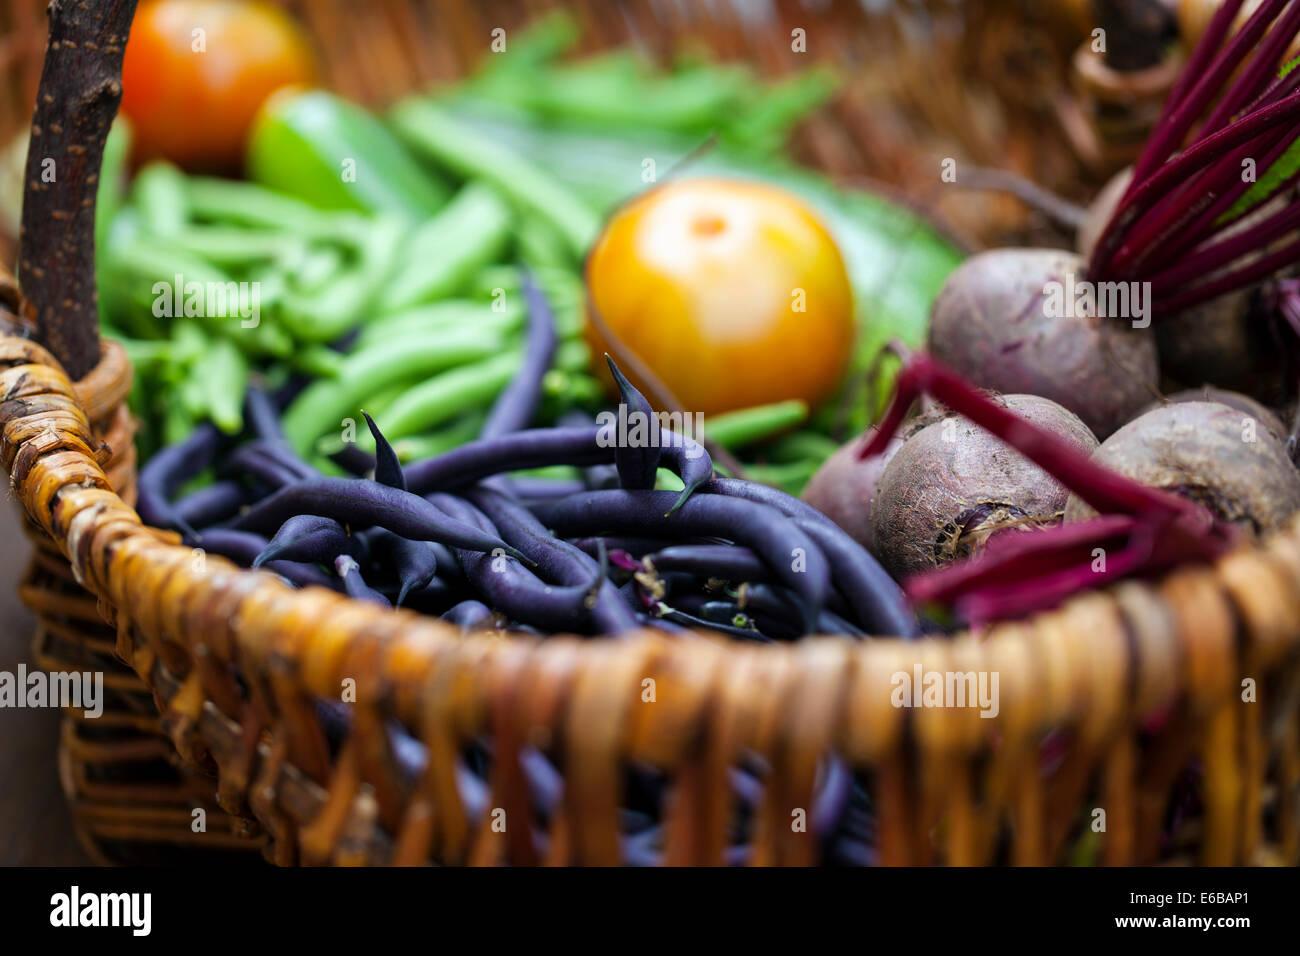 Les légumes dans le panier d'osier Photo Stock